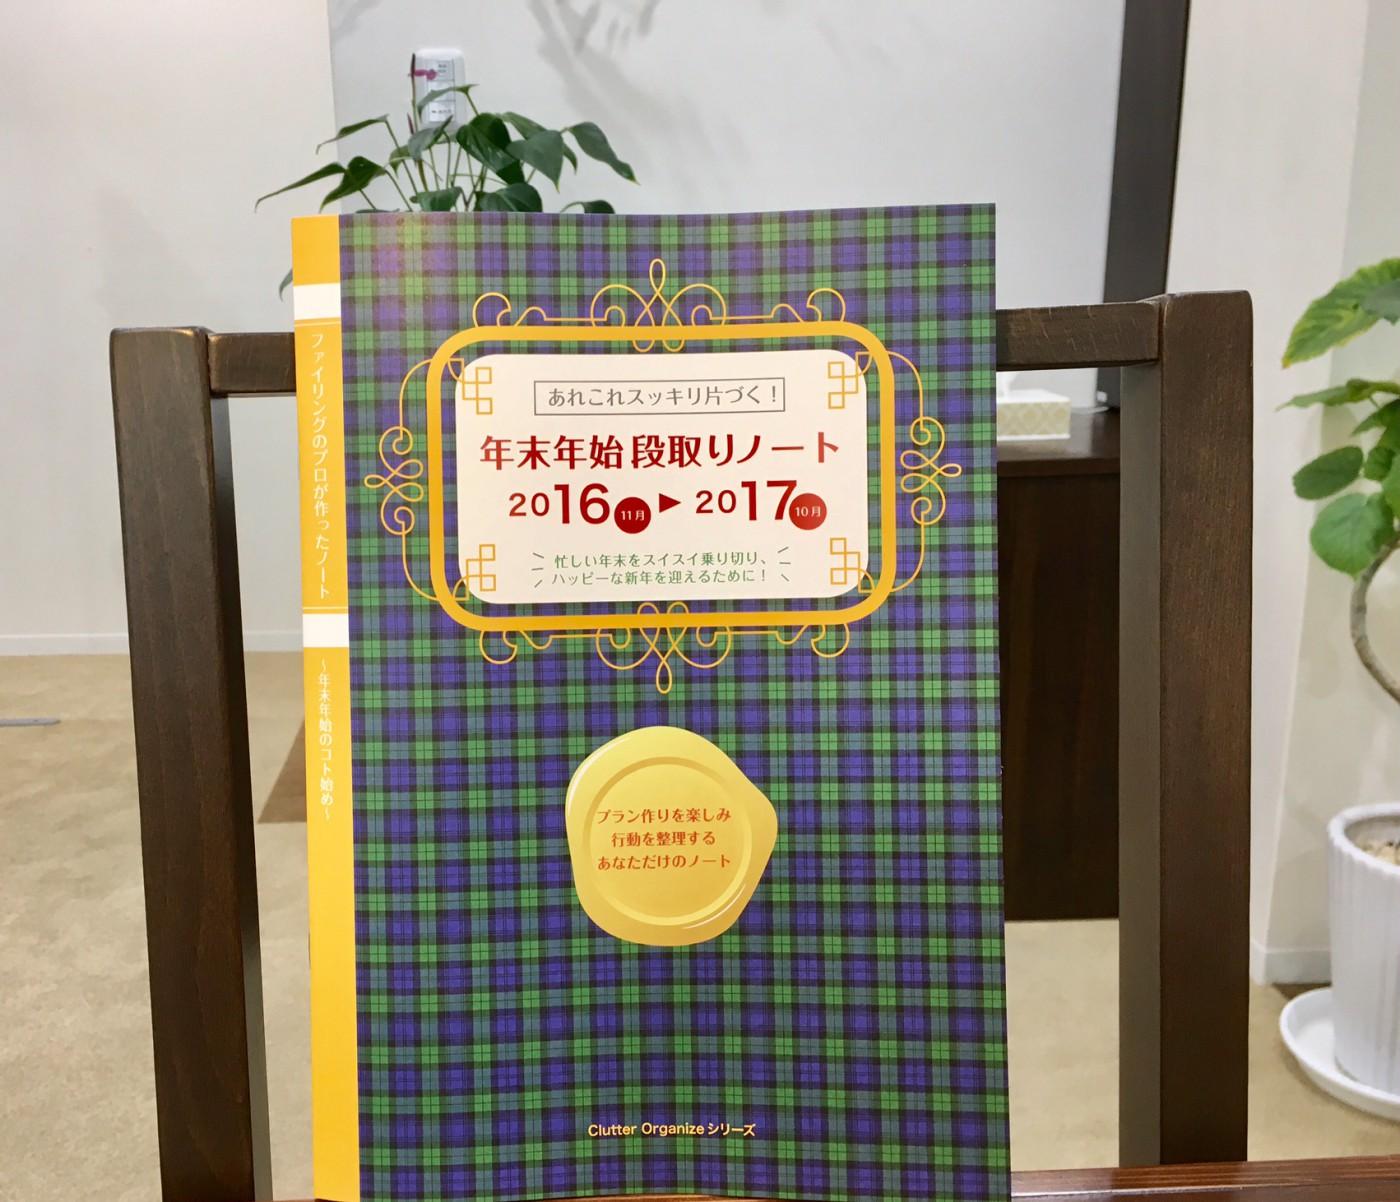 ご来店いただいた方に、今年の【年末年始の段取りノート】プレゼント!